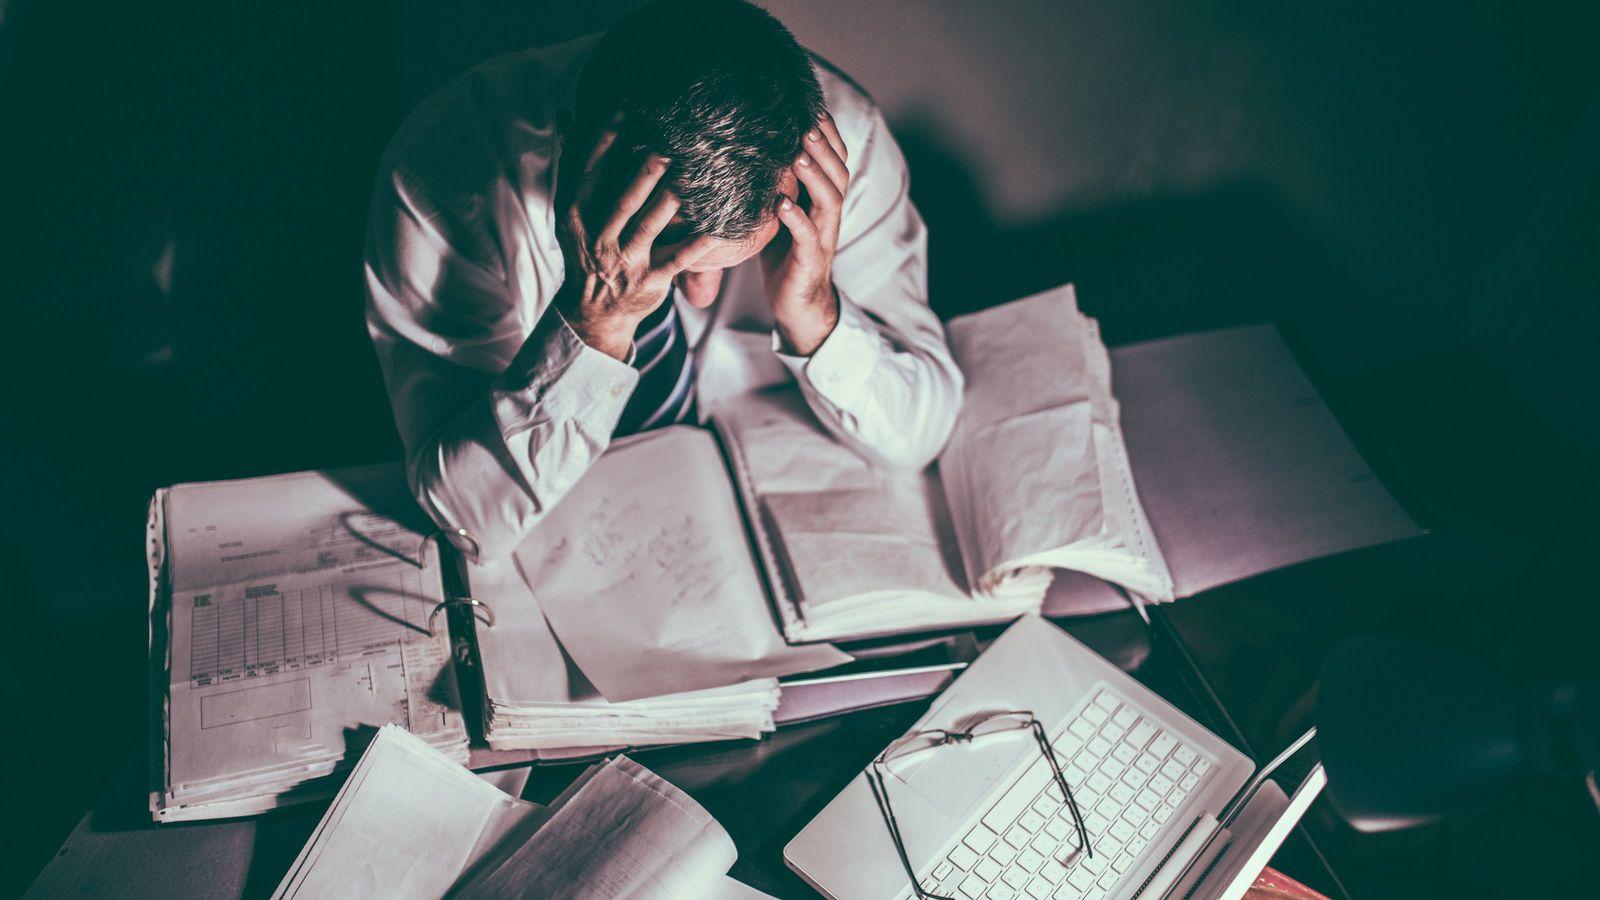 精神科医「高学歴な人が性犯罪に突然走るワケ」 「脳の誤作動」で理性は簡単に壊れる